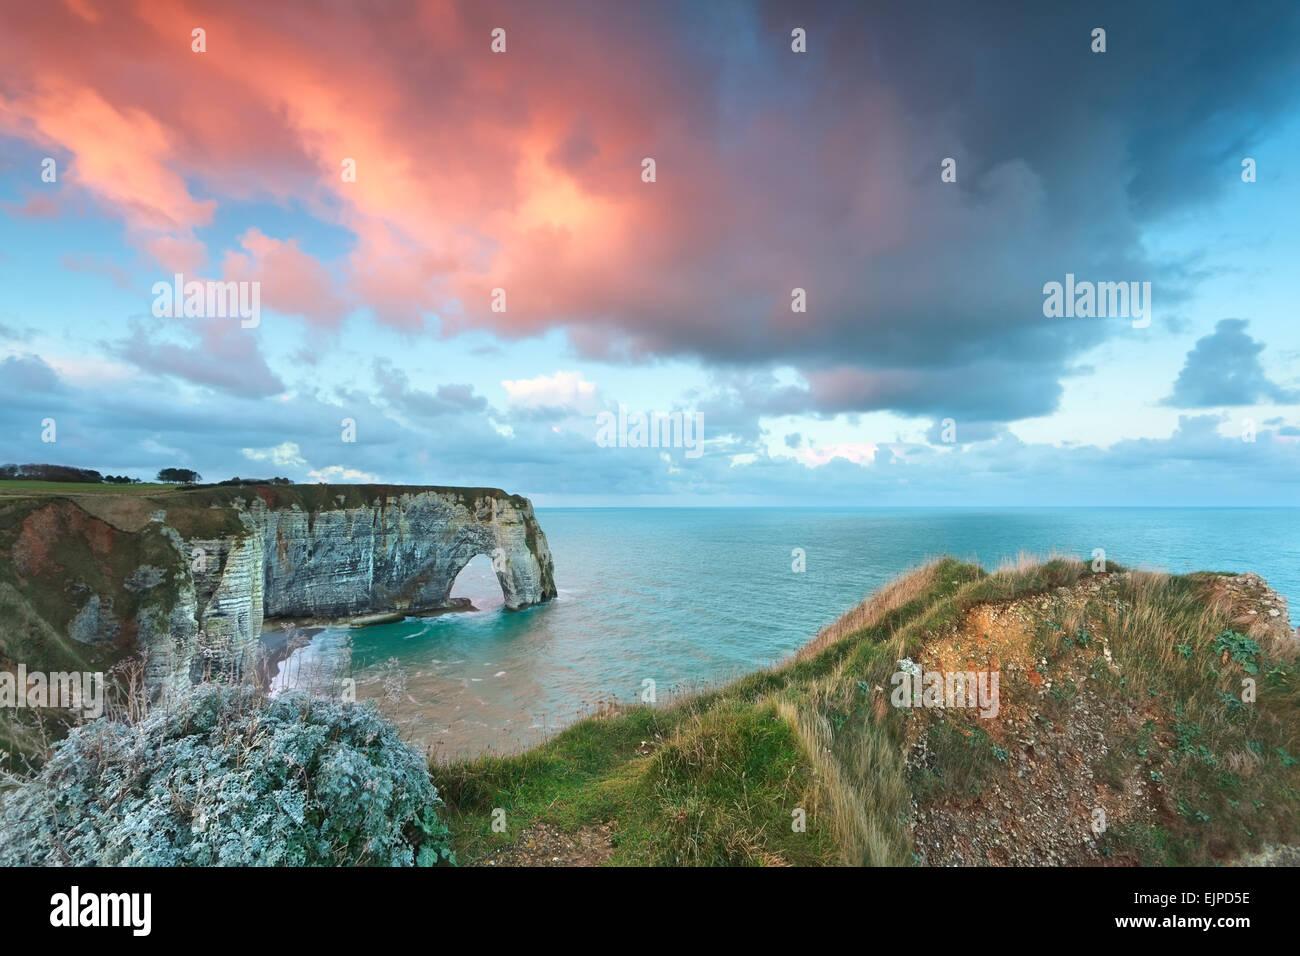 Beau lever de soleil sur la côte de l'océan Atlantique, Etretat, France Photo Stock